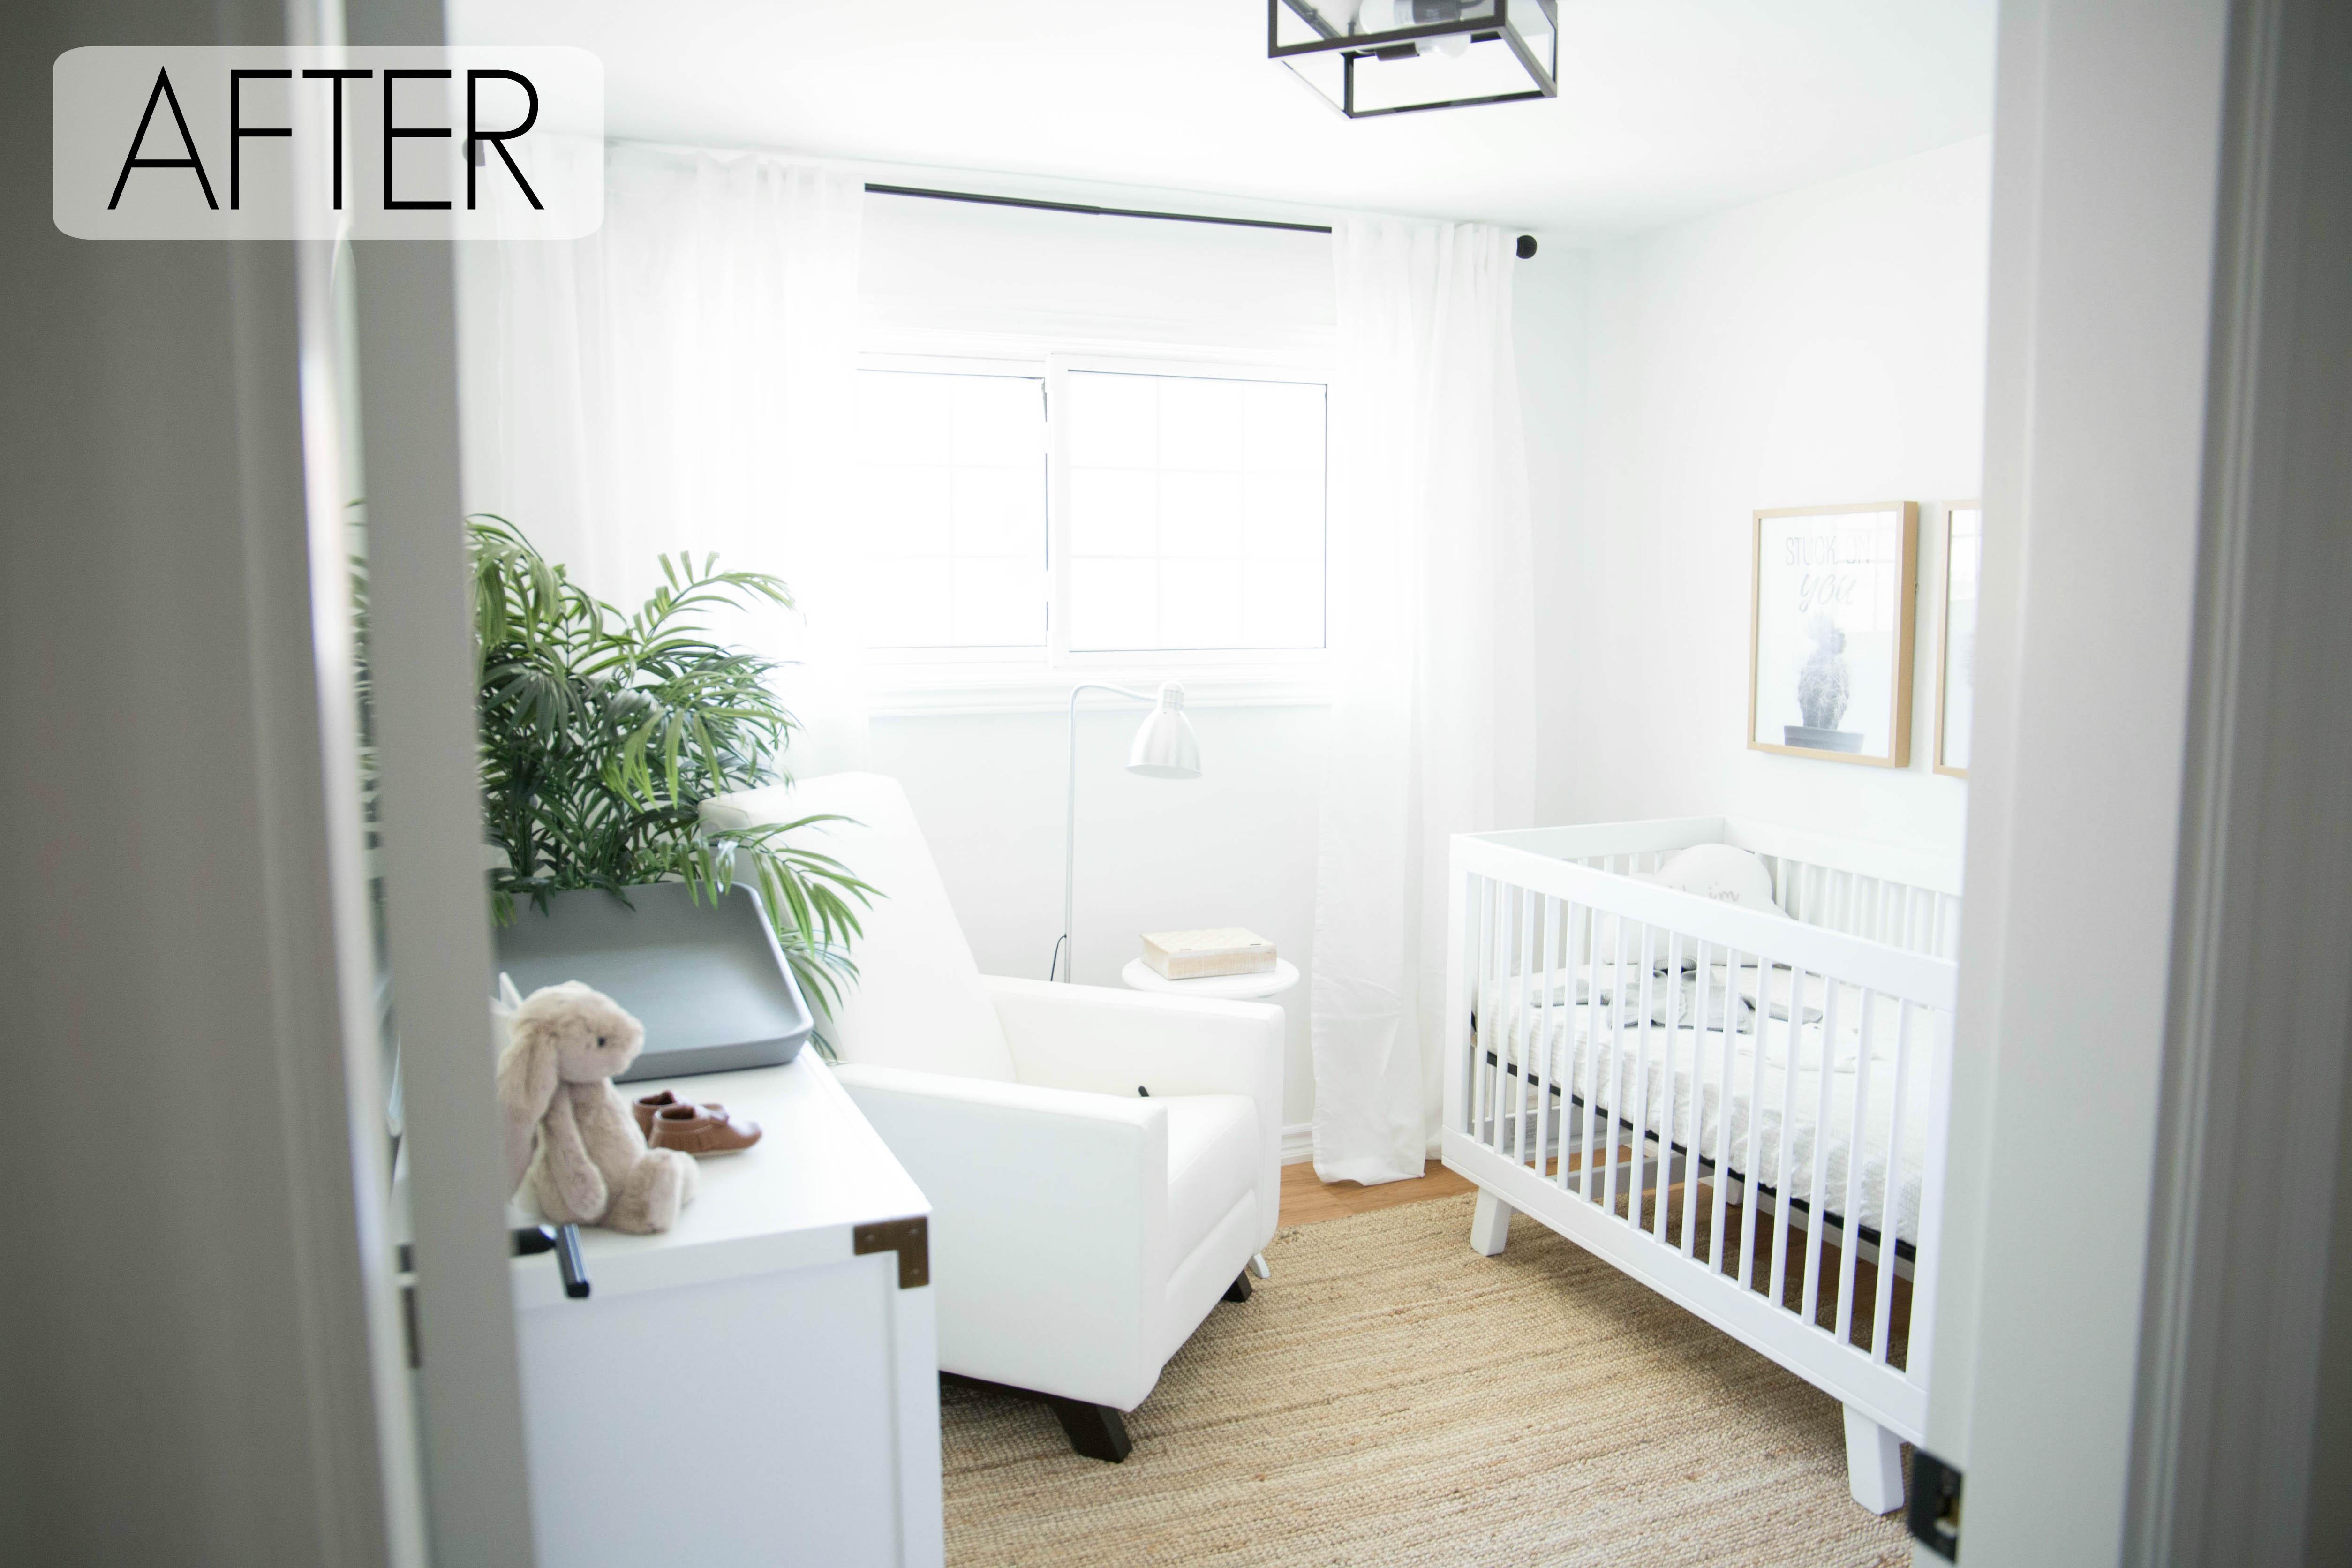 Jaclyn Colville Nursery Reveal - After (1 of 1).jpg